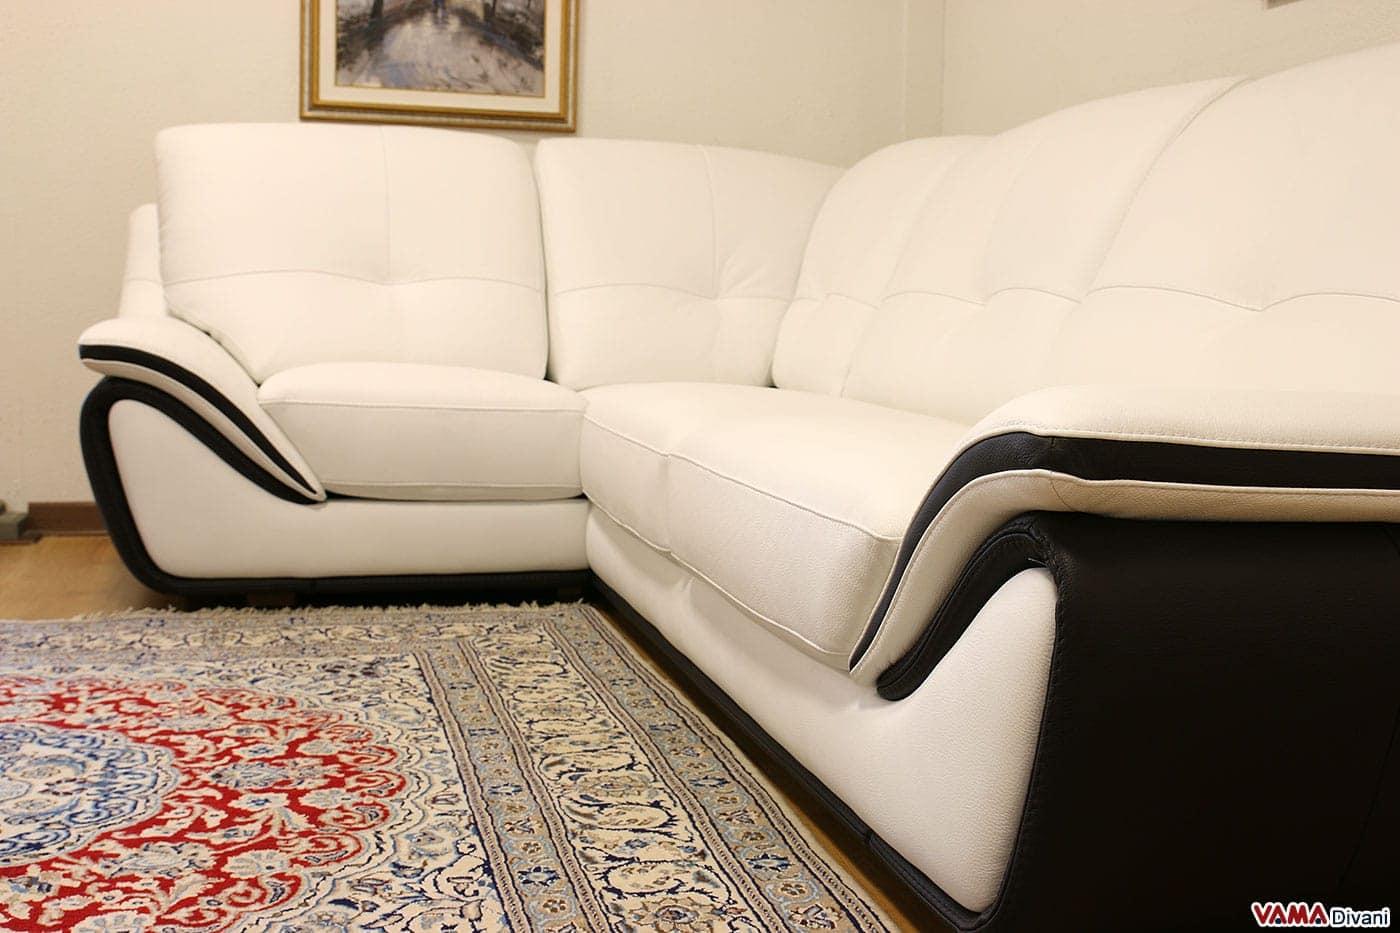 Bedrooms ispirazioni camera da letto for Divani angolari in pelle